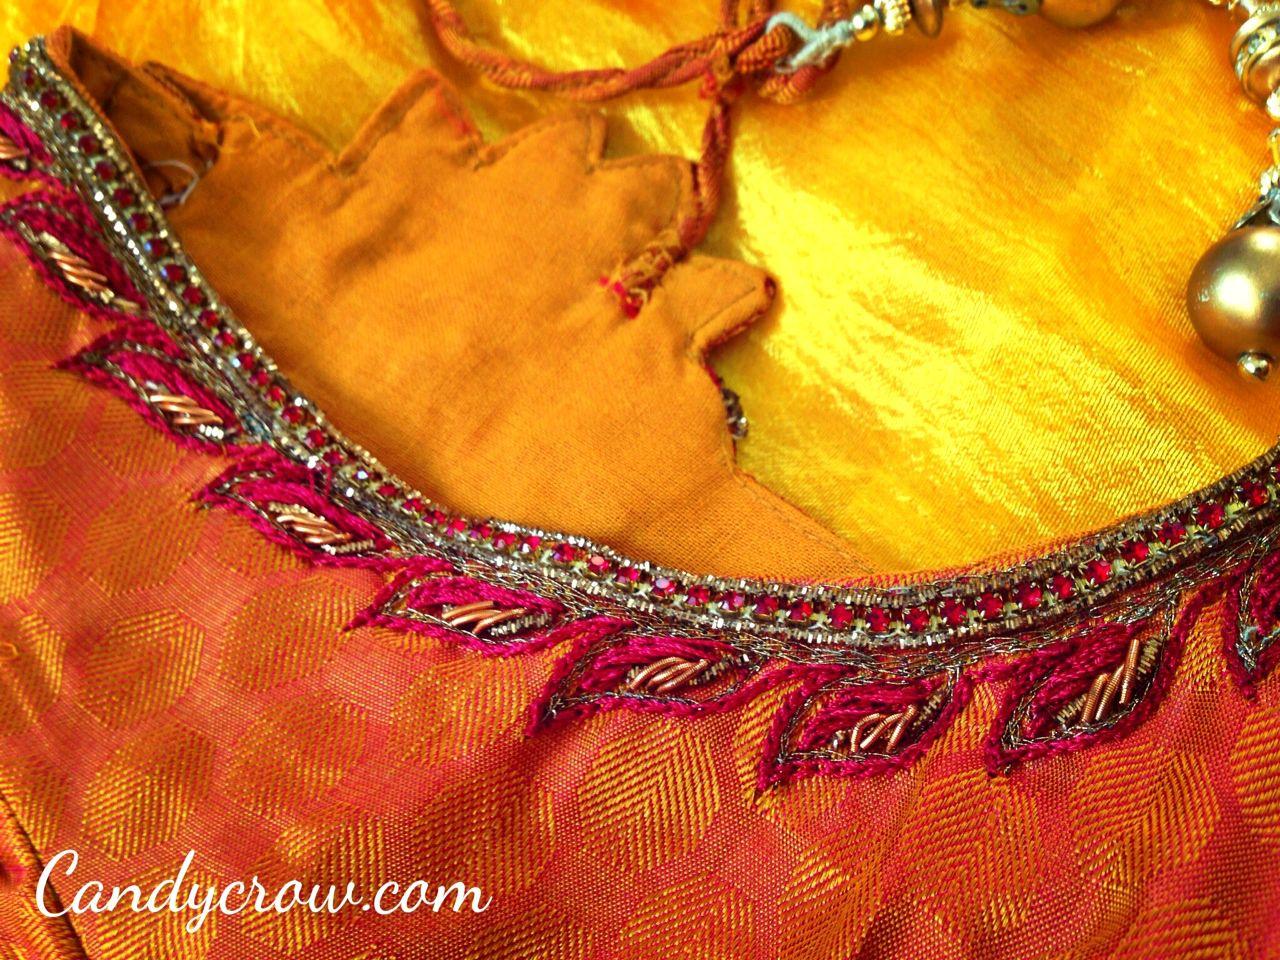 Blouse Design For Kanchipuram Silk Saree Candy Crow Top Indian